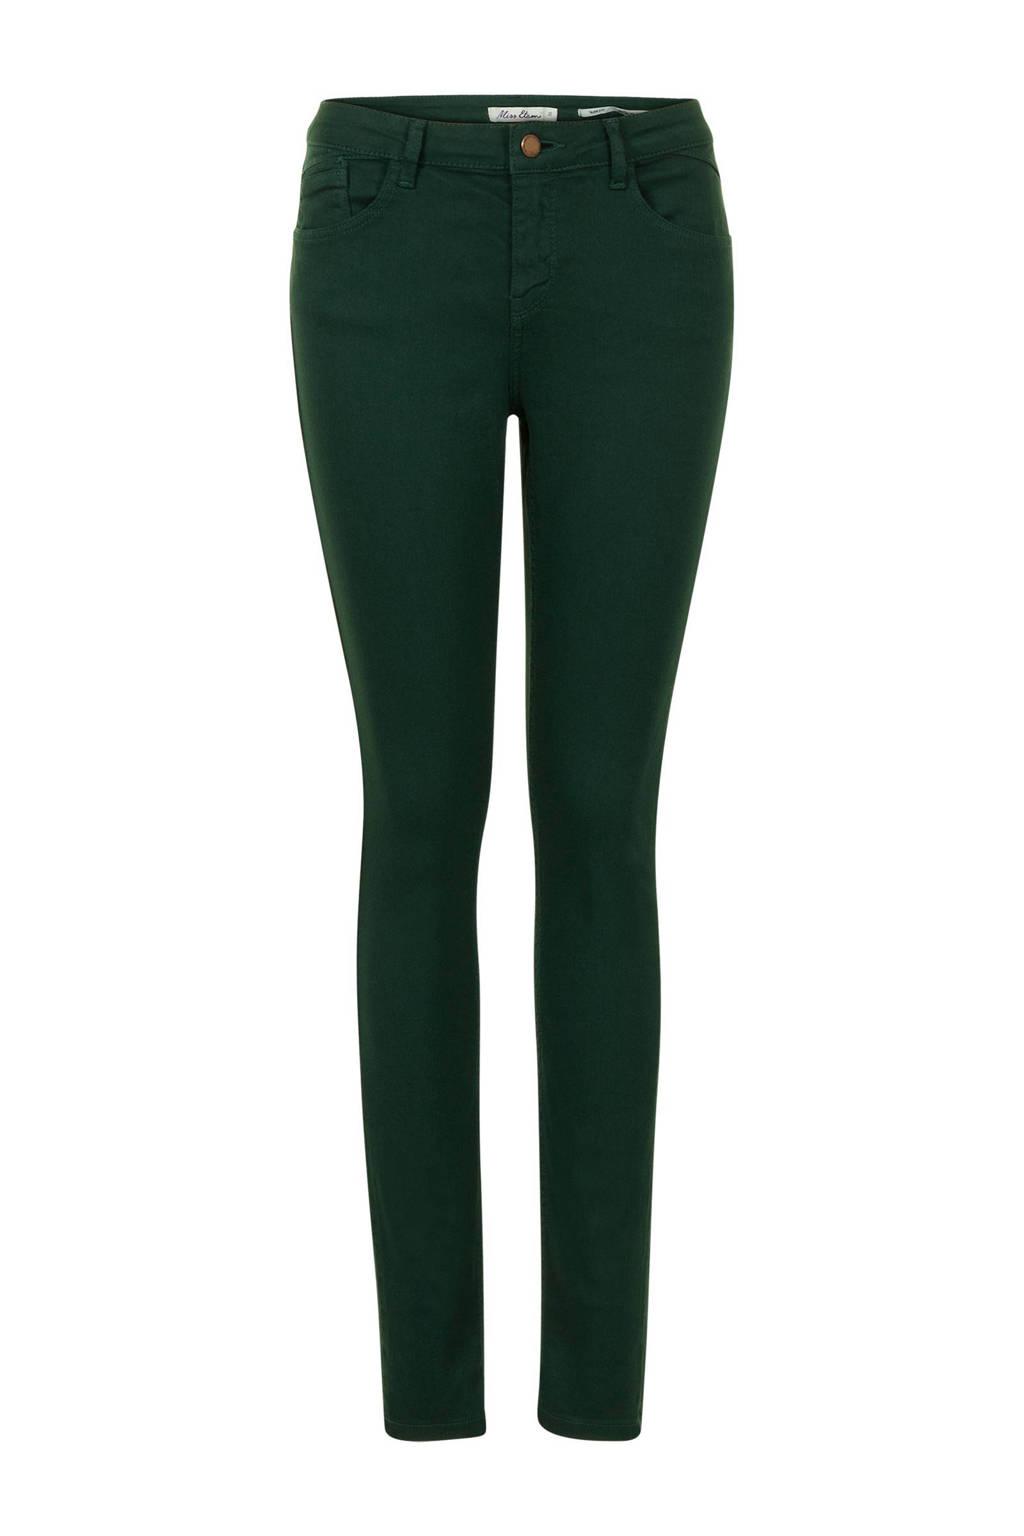 Miss Etam Regulier slim fit broek 32 inch, Donkergroen